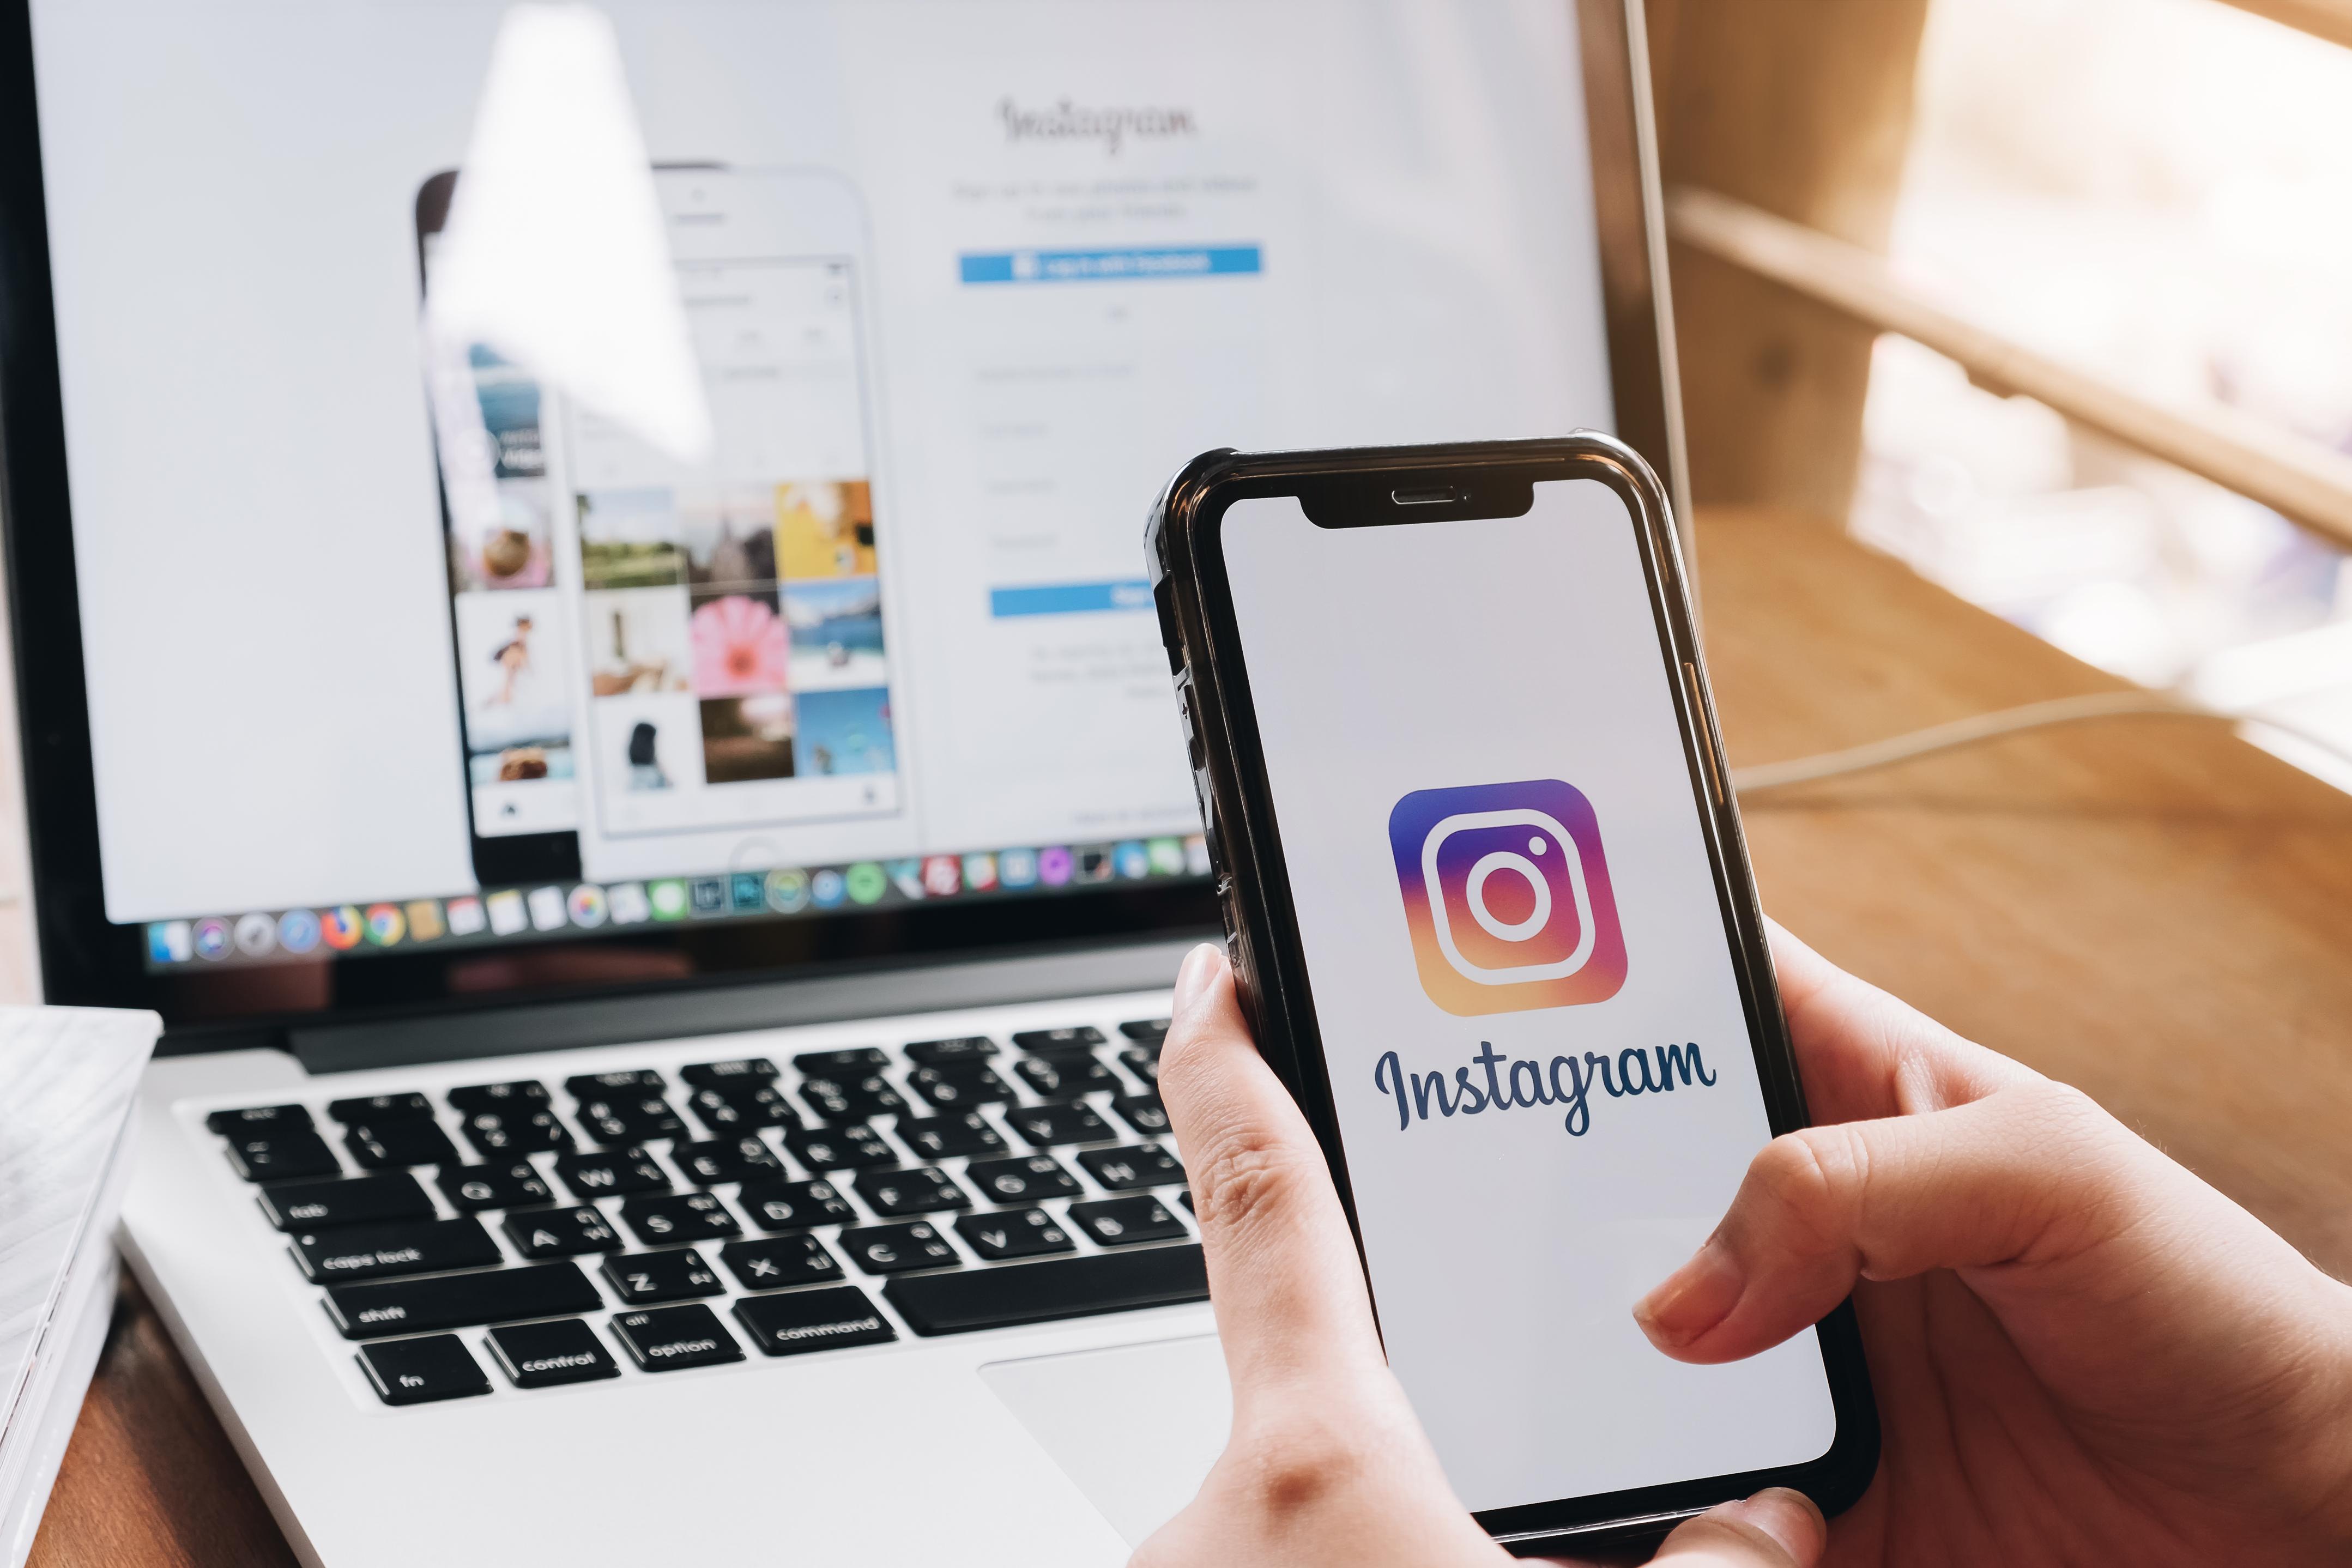 Instagram va restricționa accesul utilizatorilor care nu își setează data de naștere reală